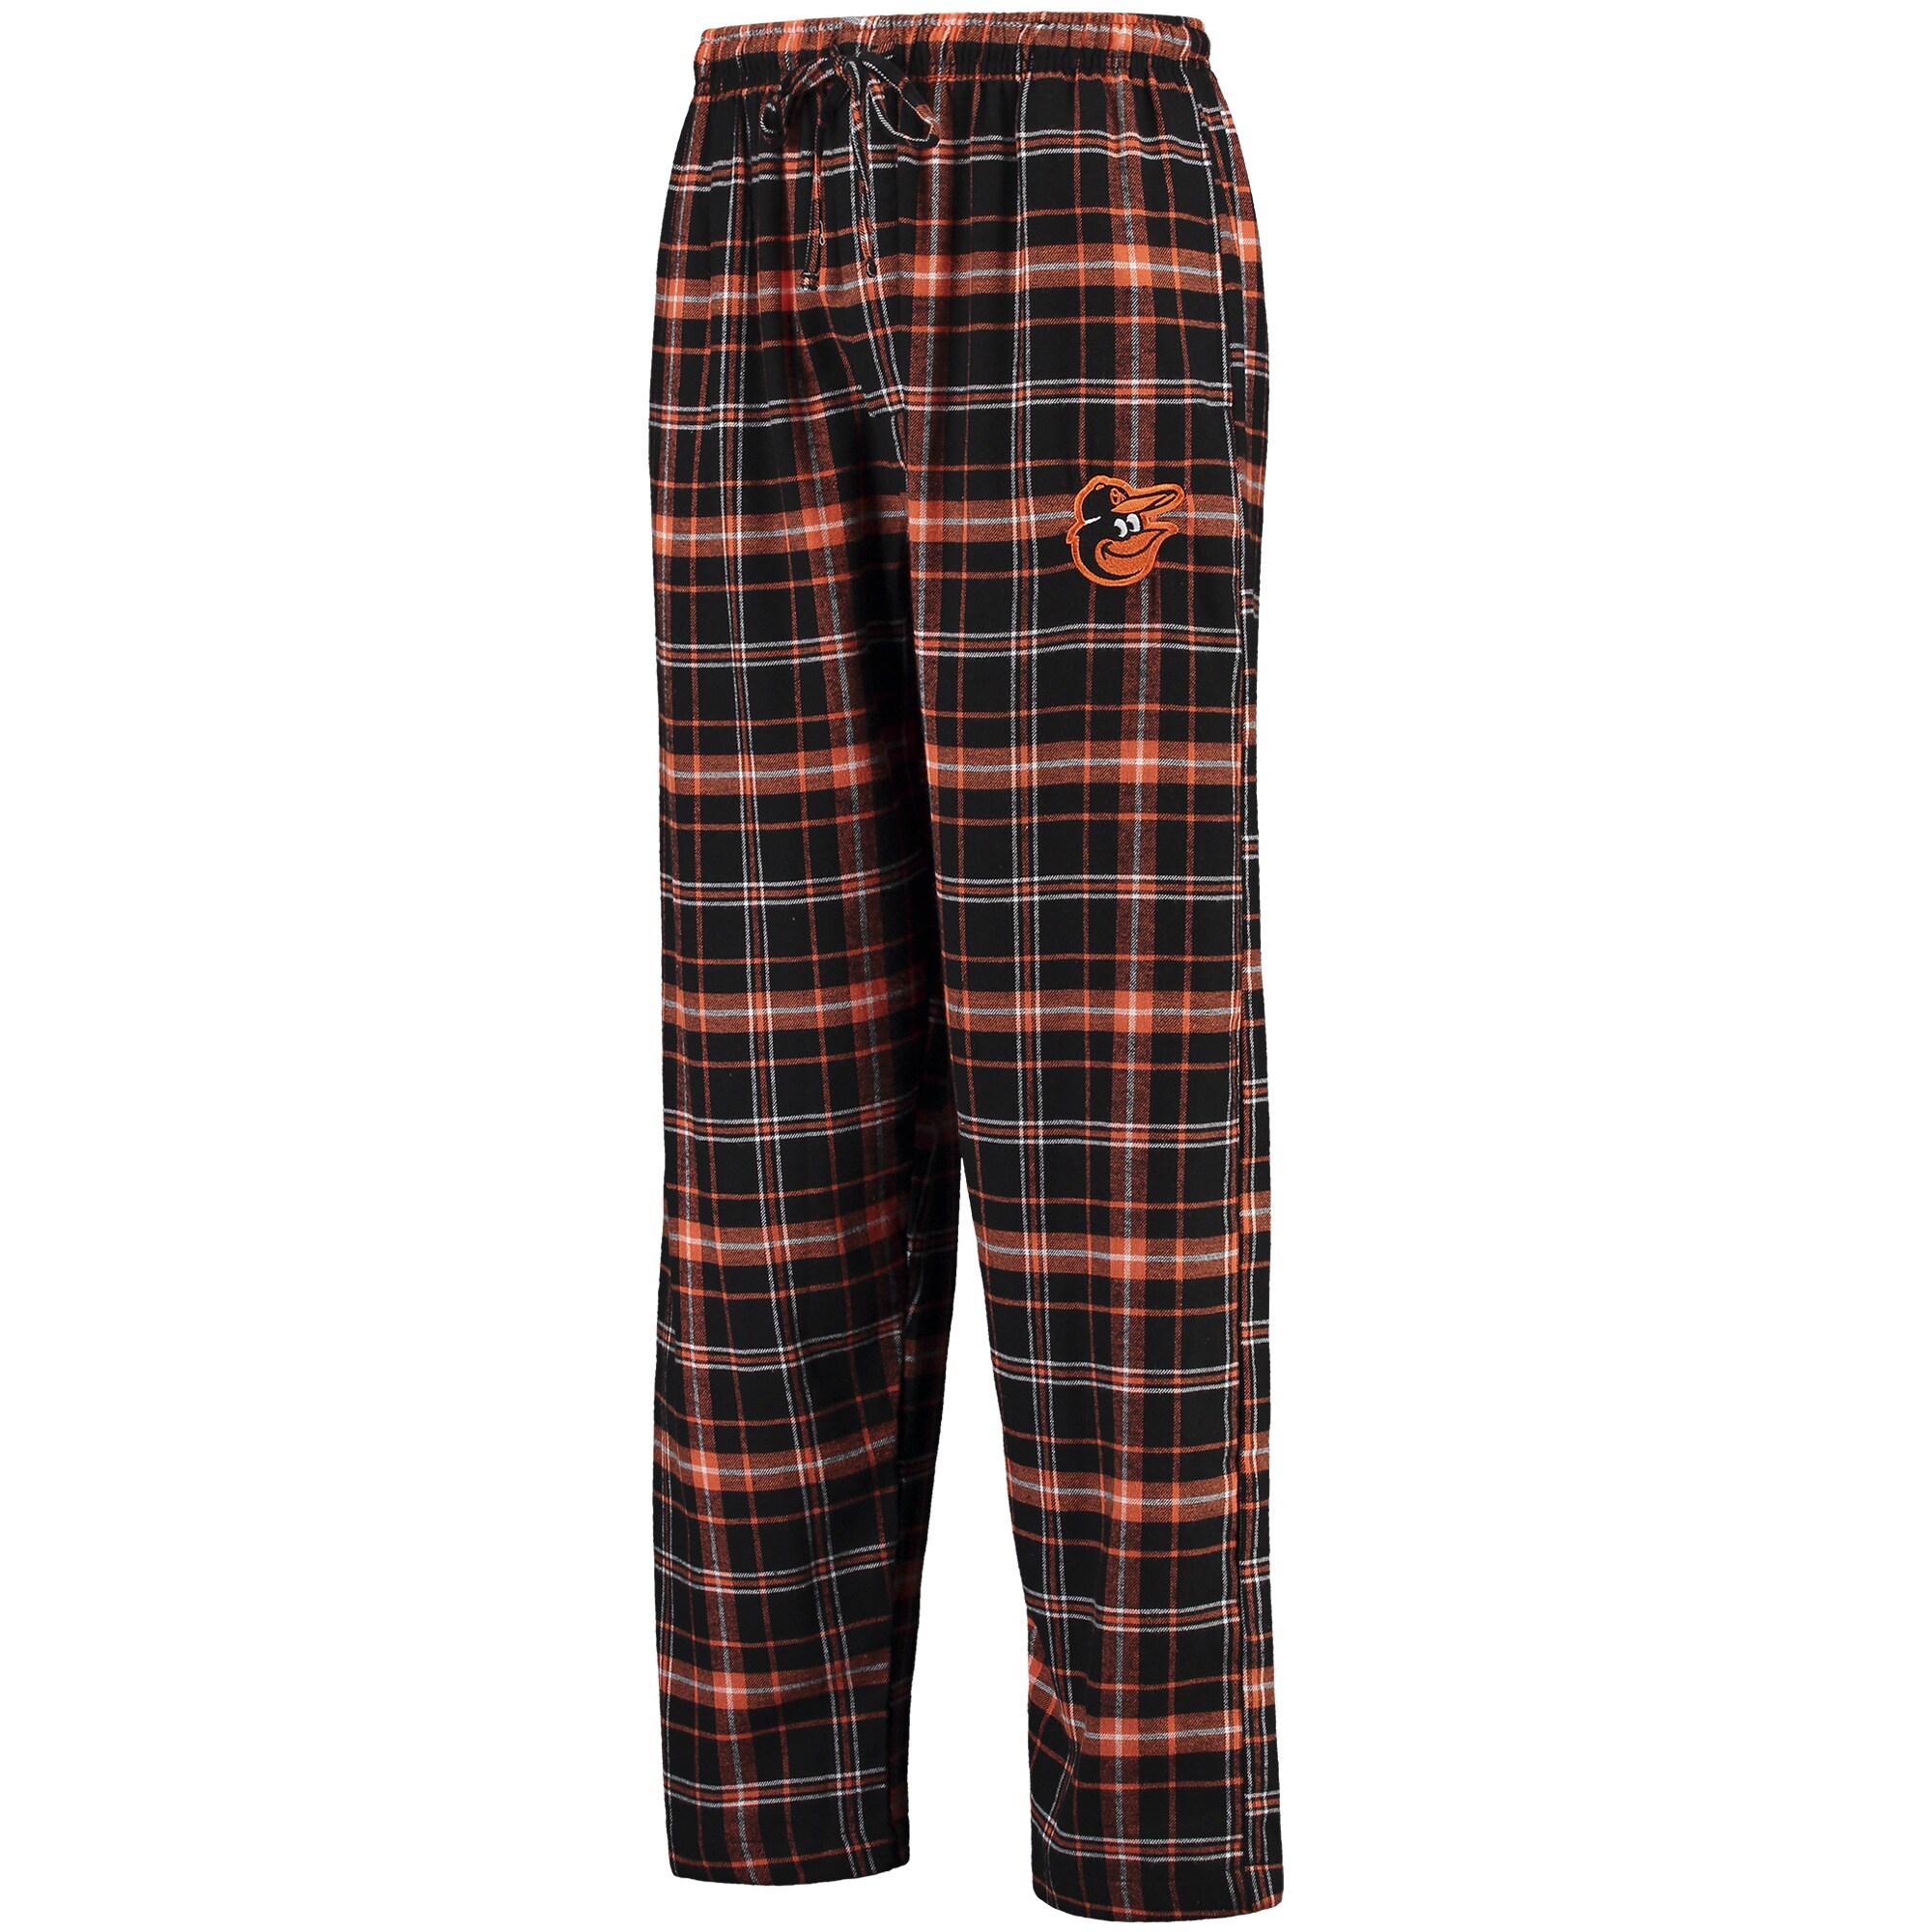 Baltimore Orioles Concepts Sport Ultimate Plaid Flannel Pants - Black/Orange